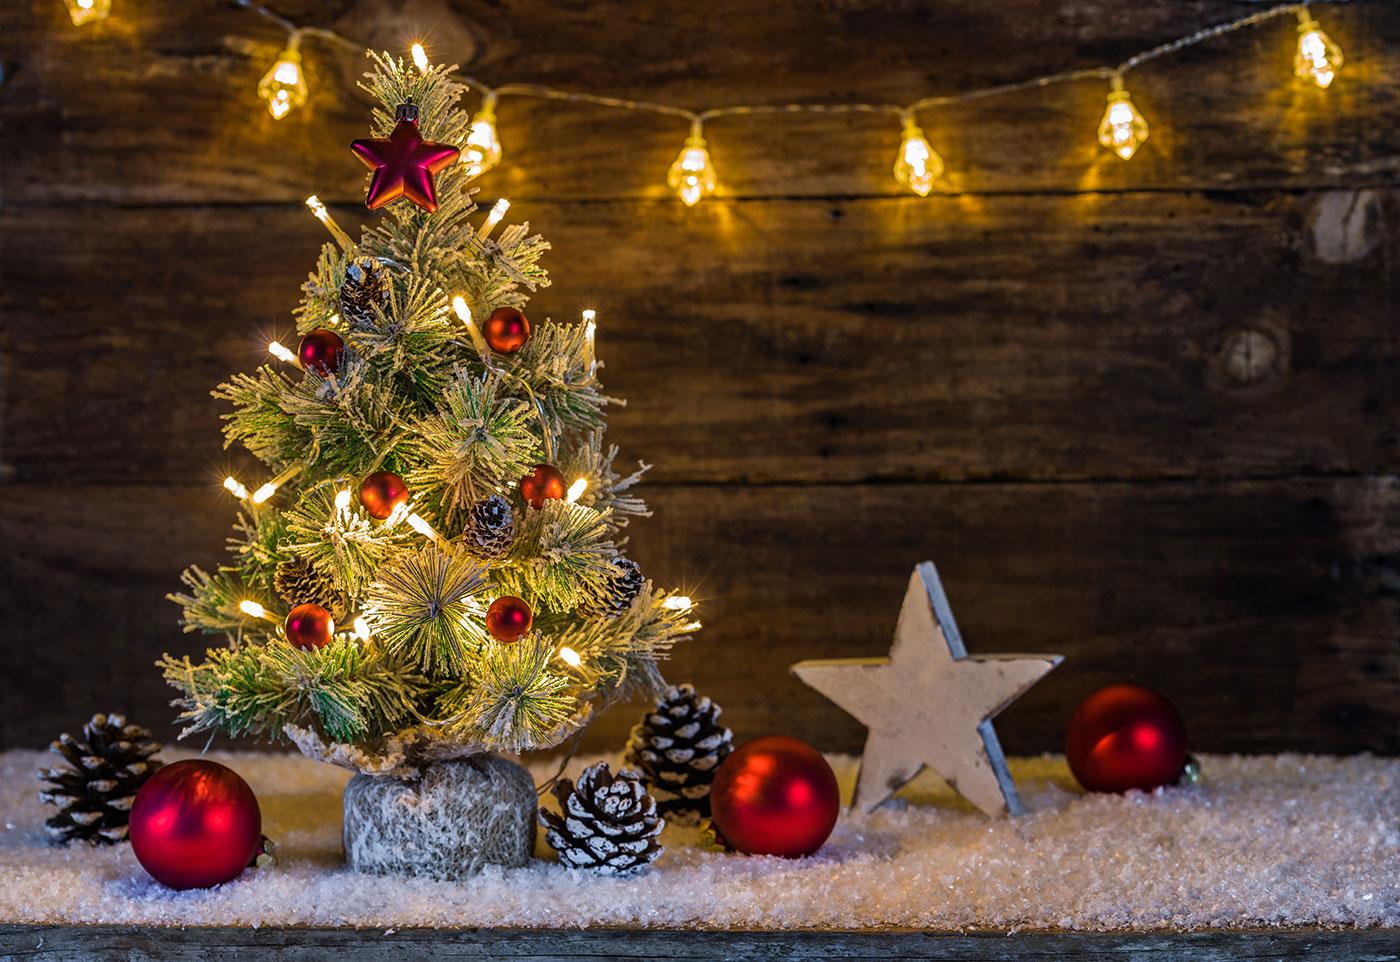 Weihnachtsbaum Herkunft.Wieso Ist Der Weihnachtsbaum Eine Tanne Oder Fichte